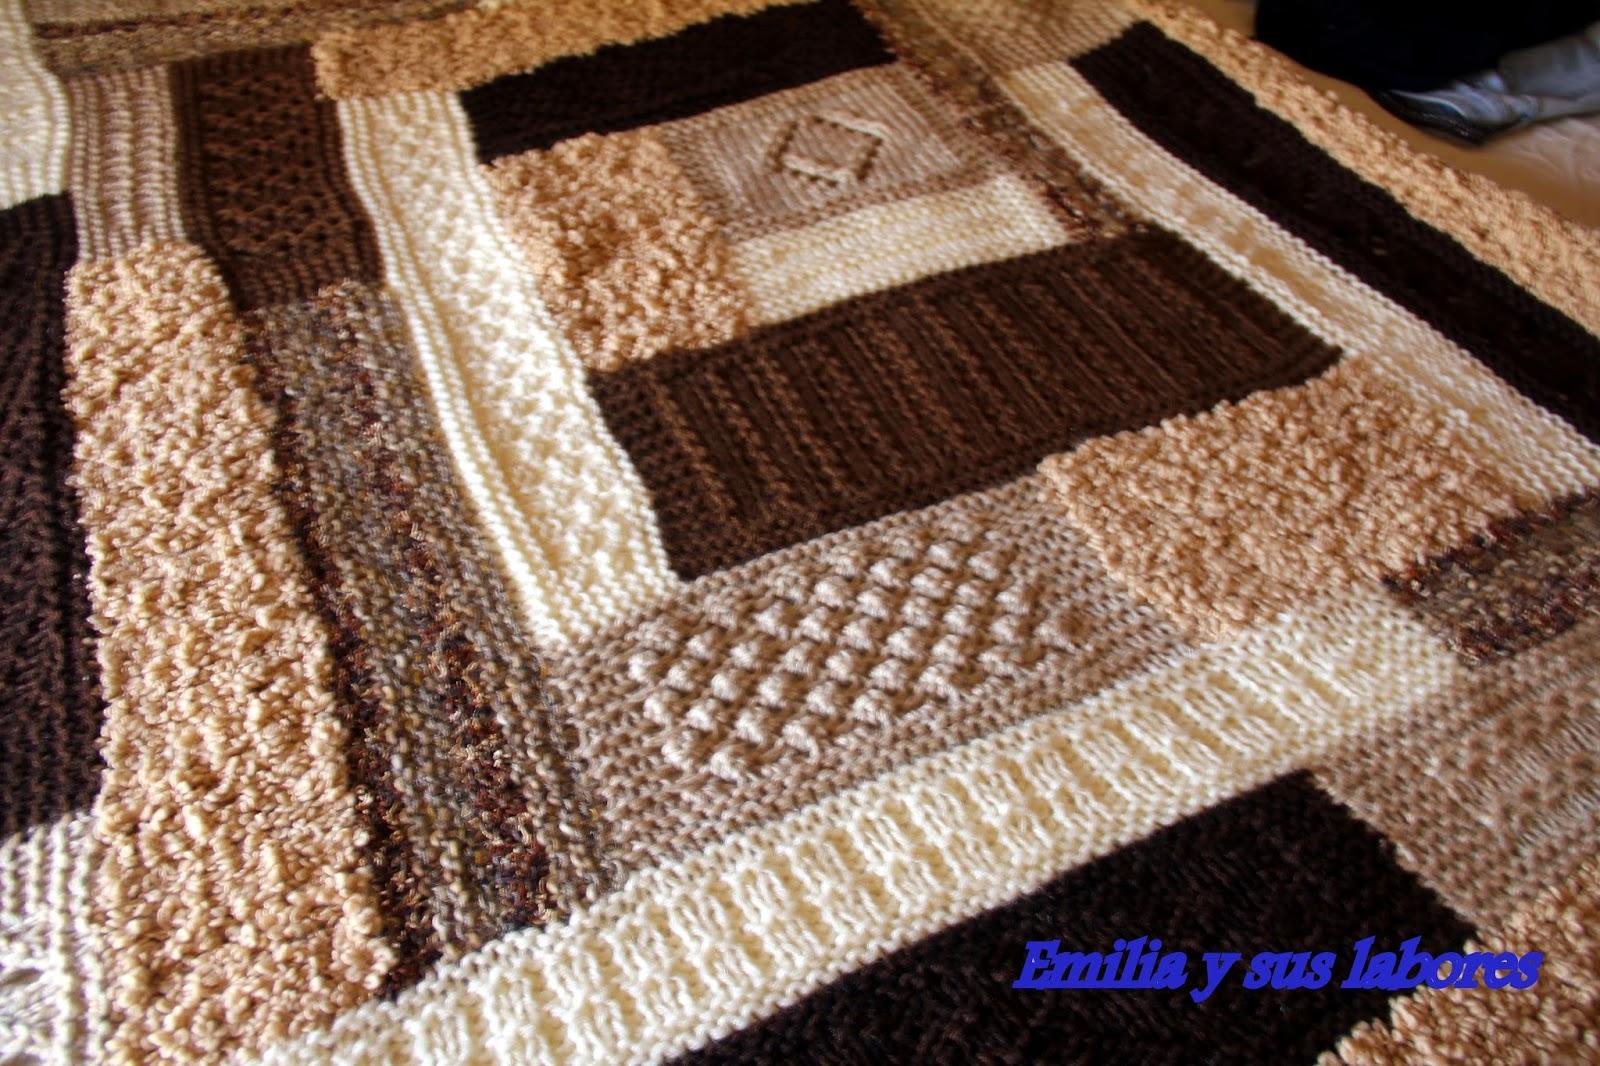 emilia y sus labores manta de lana a punto de media